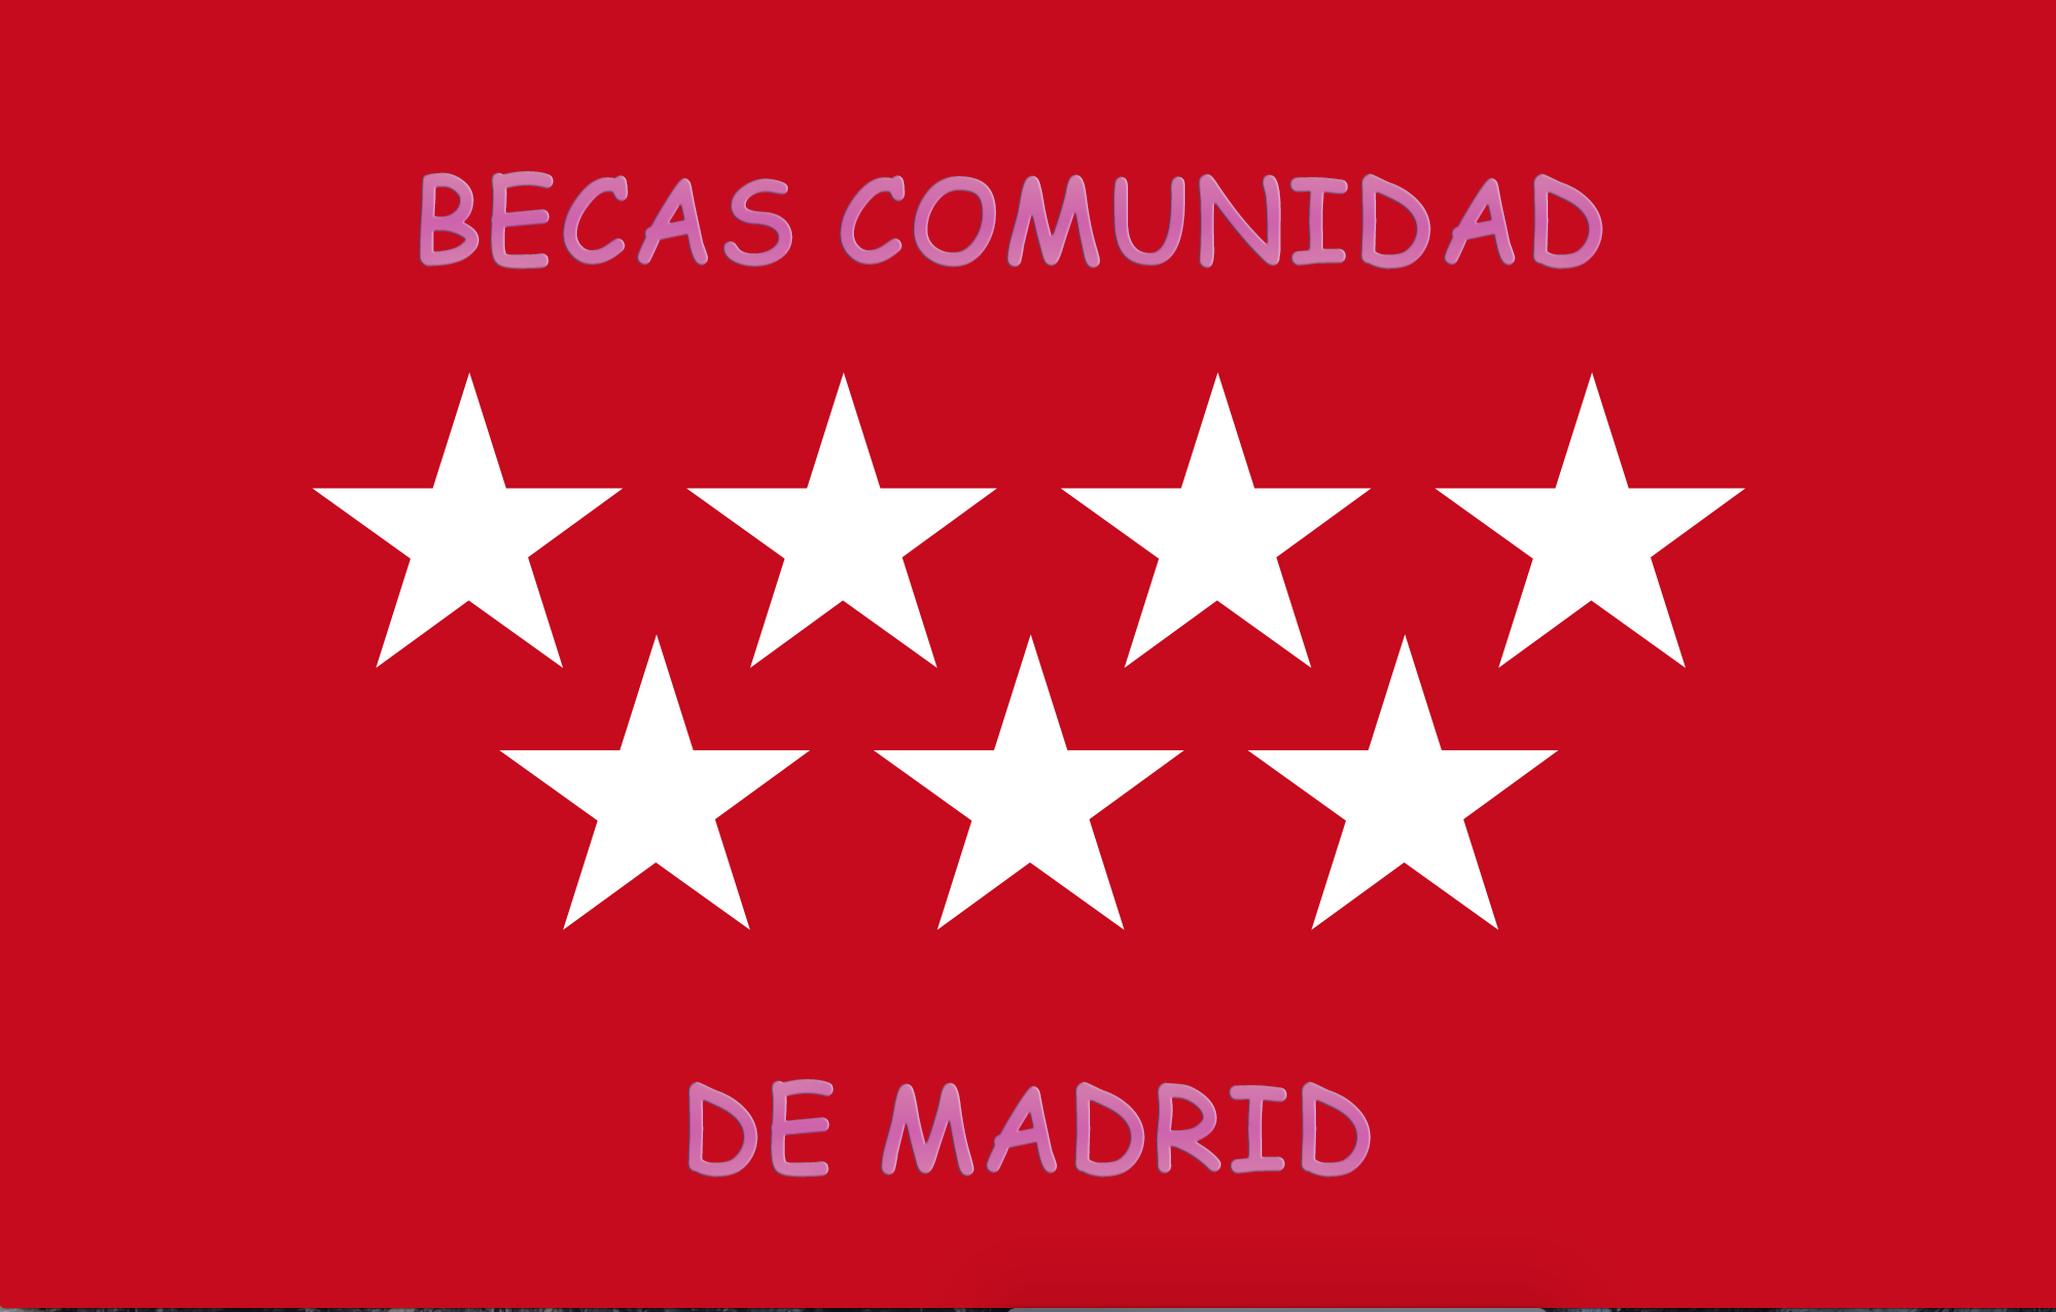 Becas comunidad de madrid curso 2017 18 escuela infantil - Beca comedor valencia 2017 18 ...